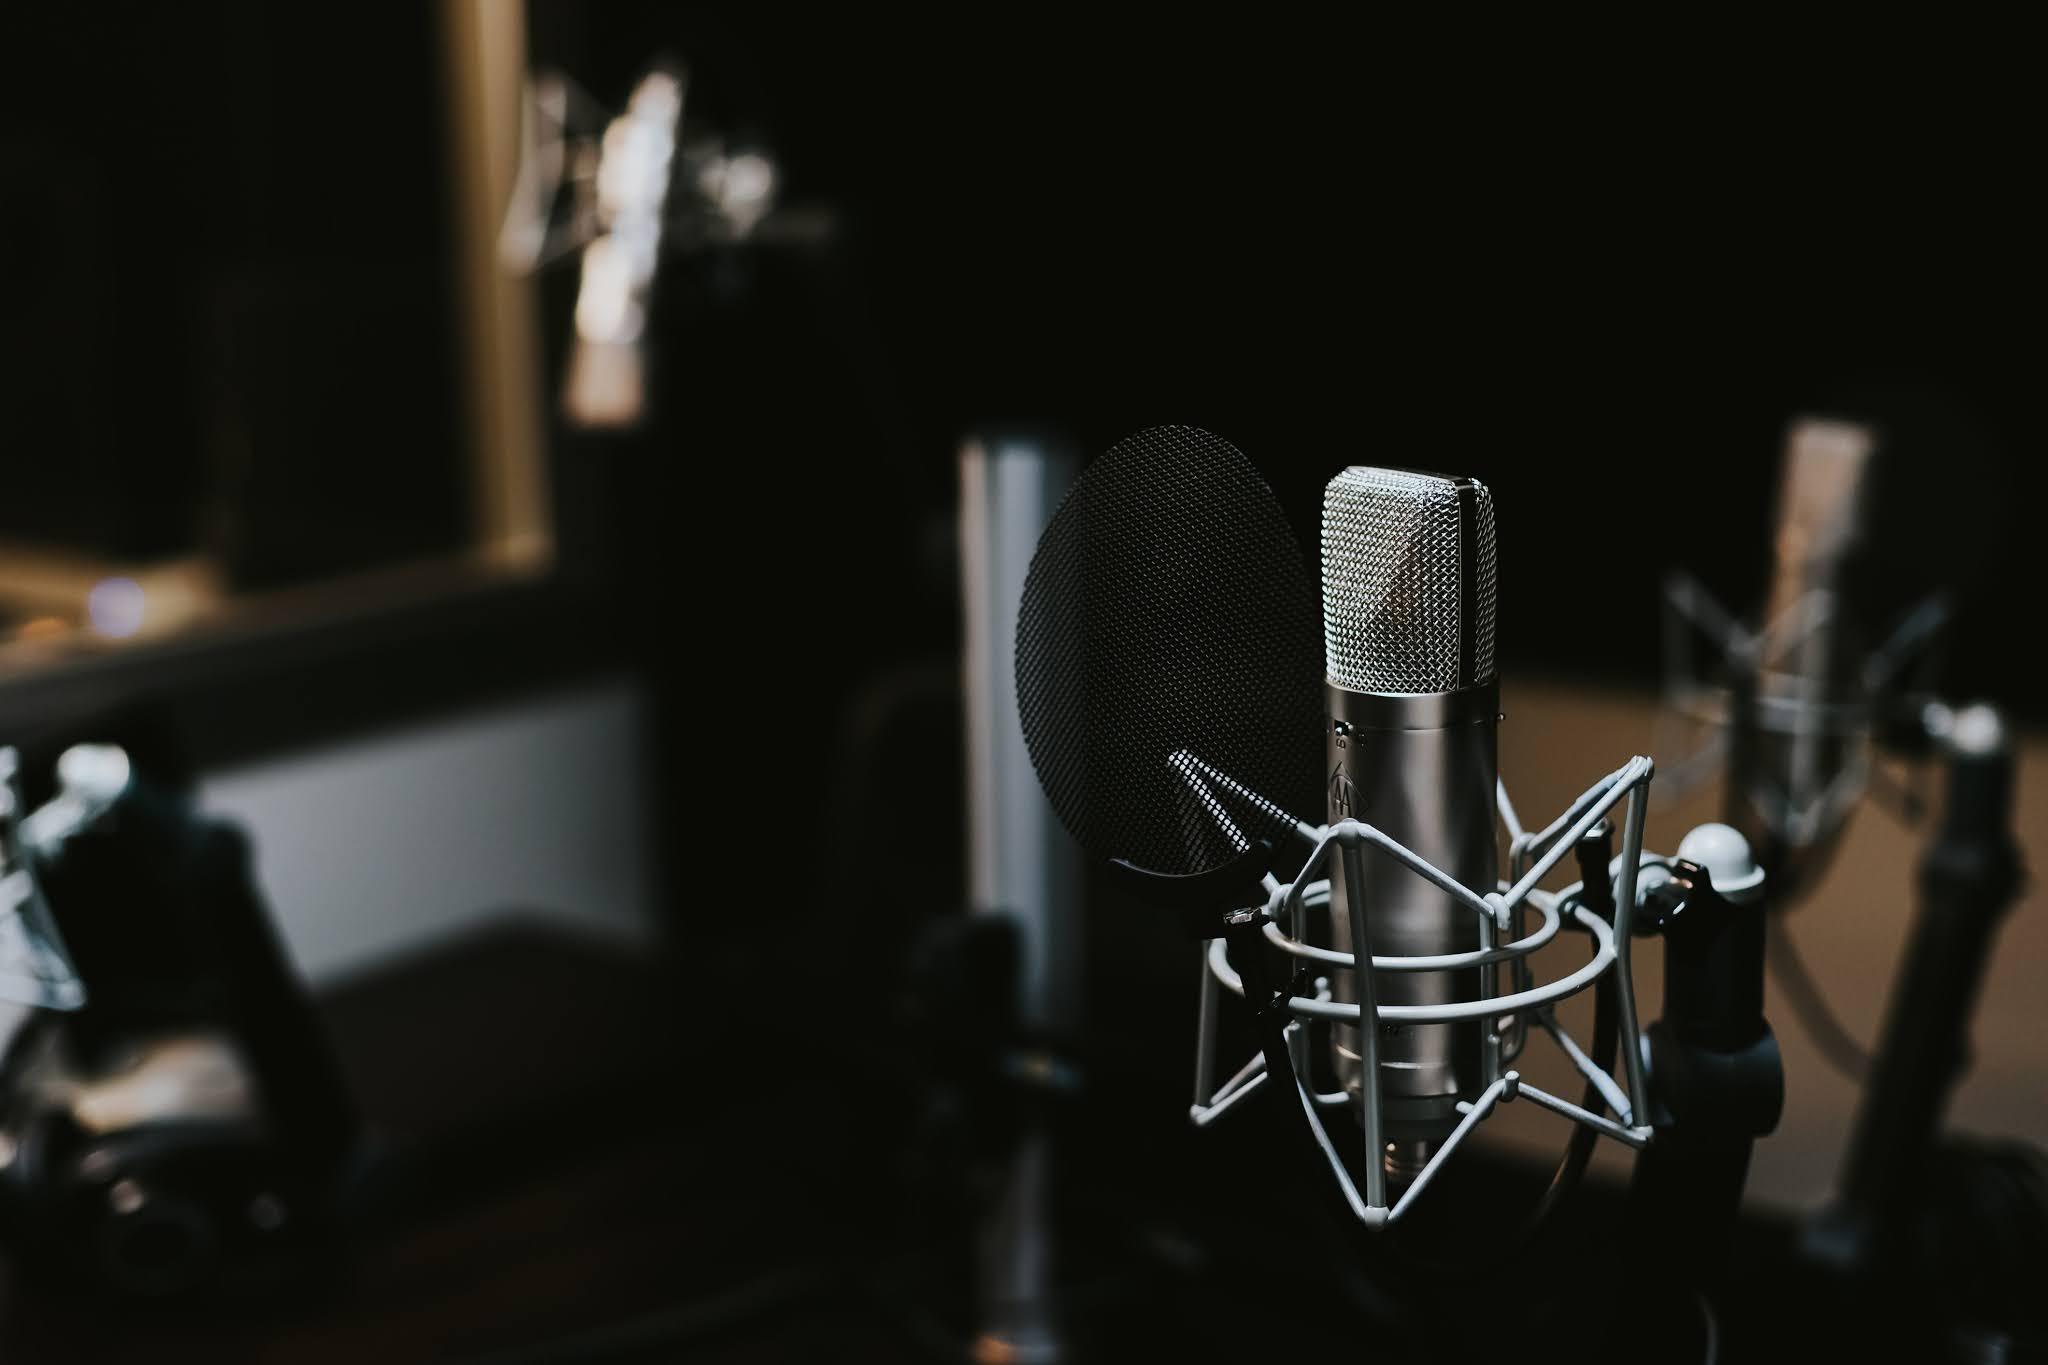 أفضل ميكروفون | Microphones في الفئة الاقتصادية